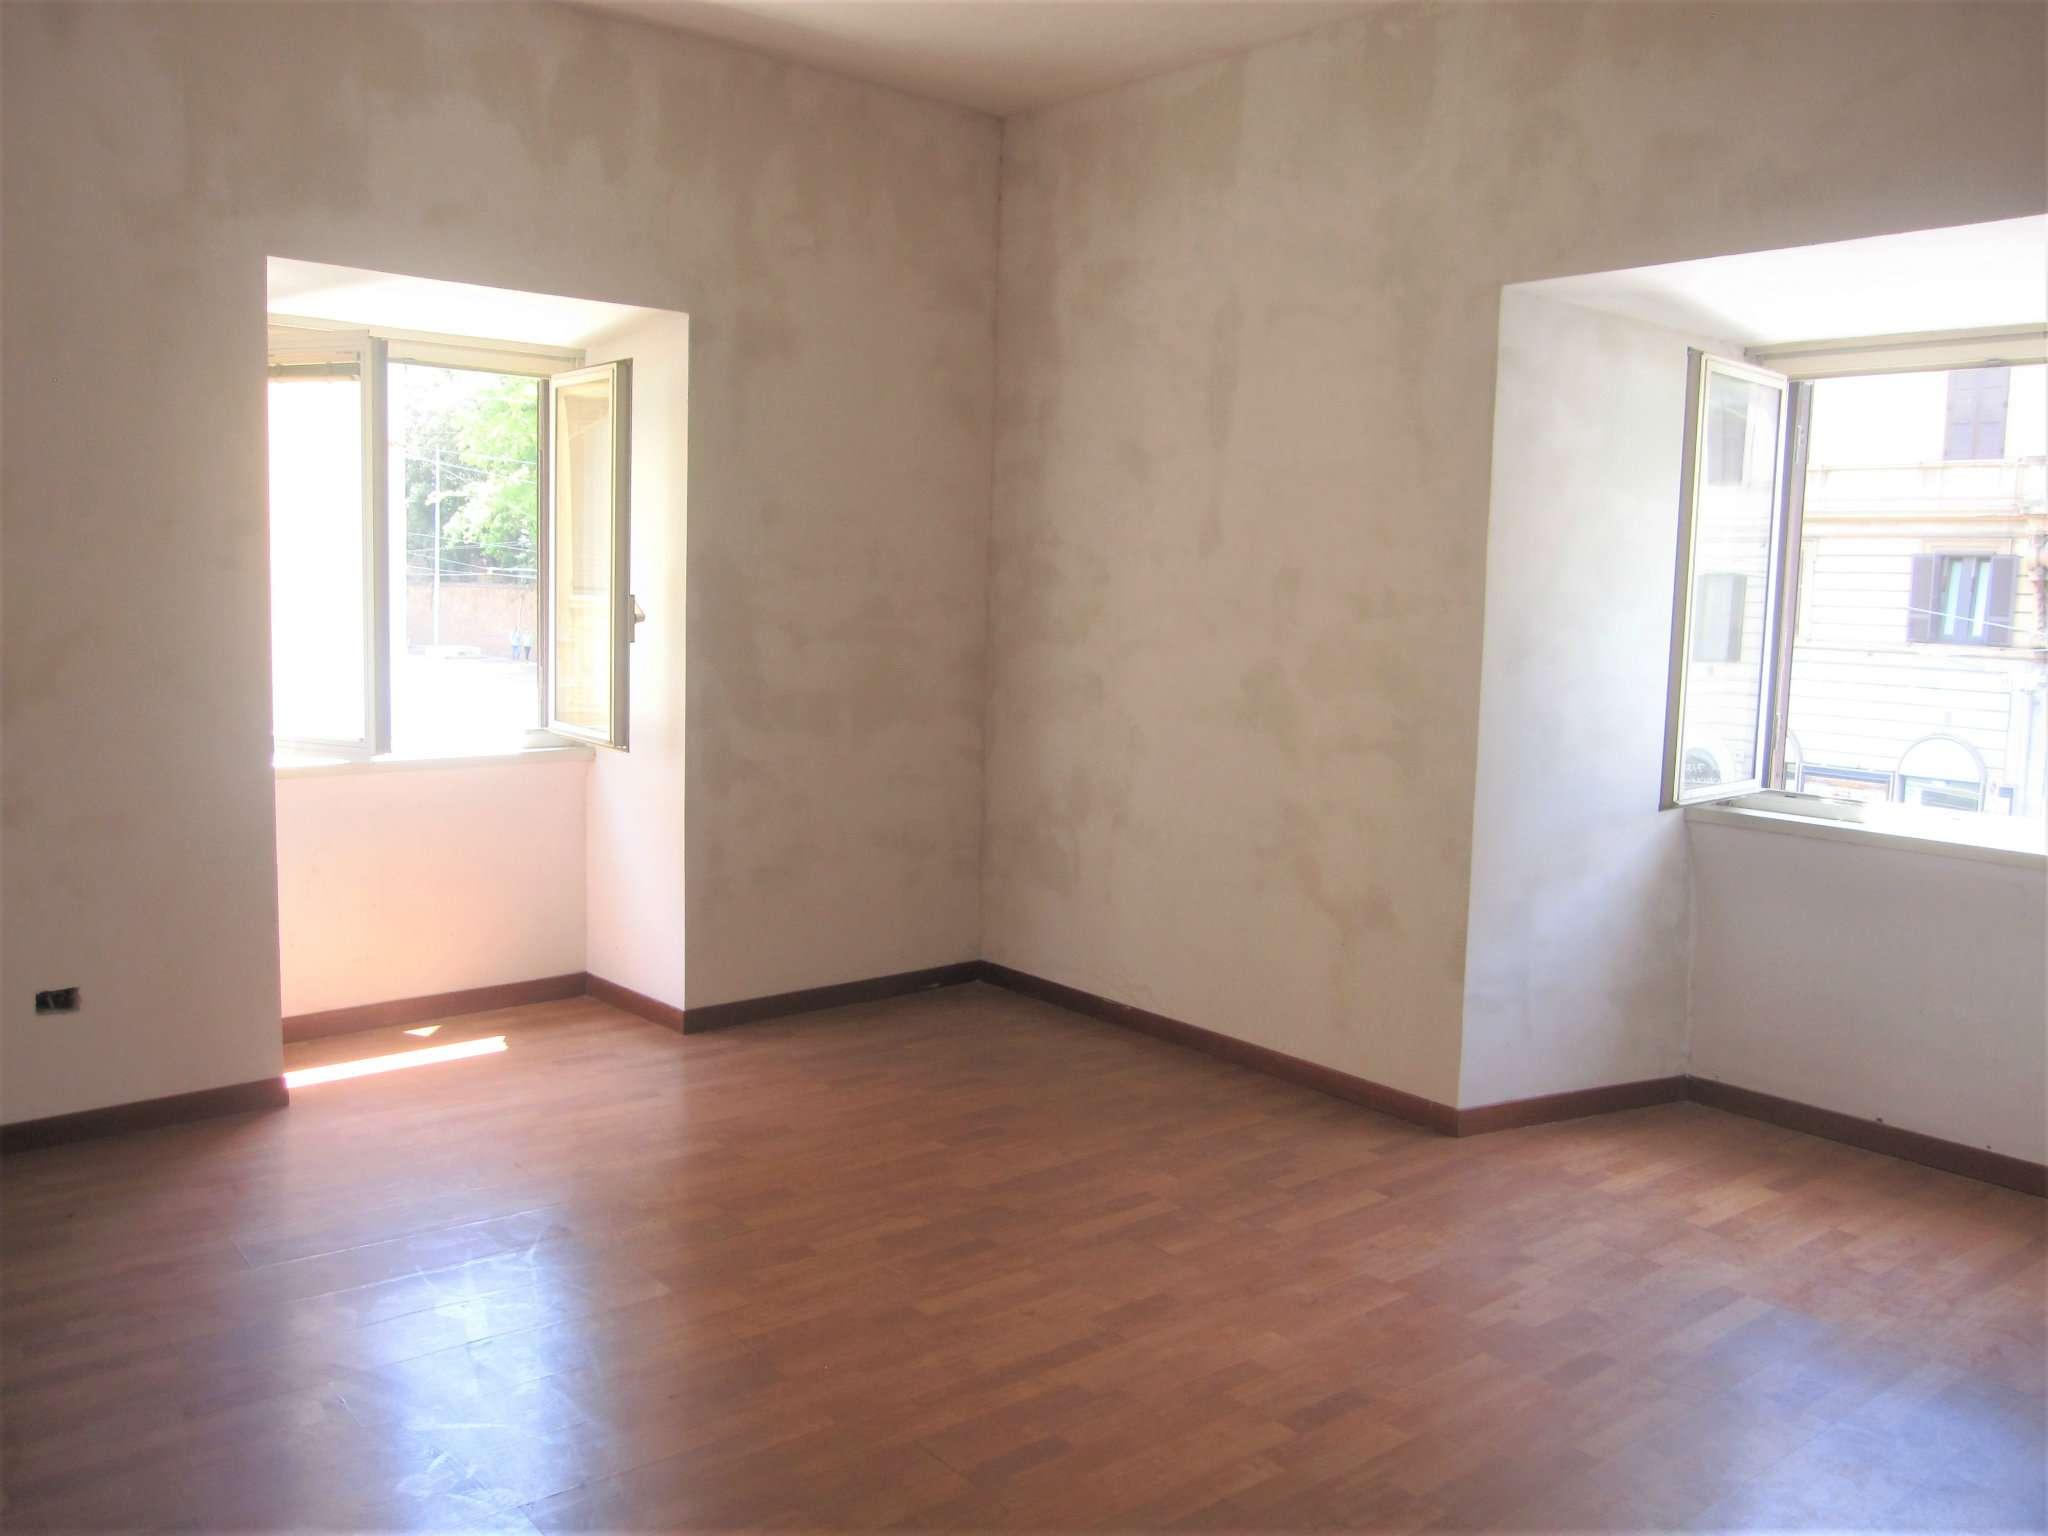 Appartamento in affitto a Roma, 4 locali, zona Zona: 7 . Esquilino, San Lorenzo, Termini, prezzo € 1.900 | CambioCasa.it